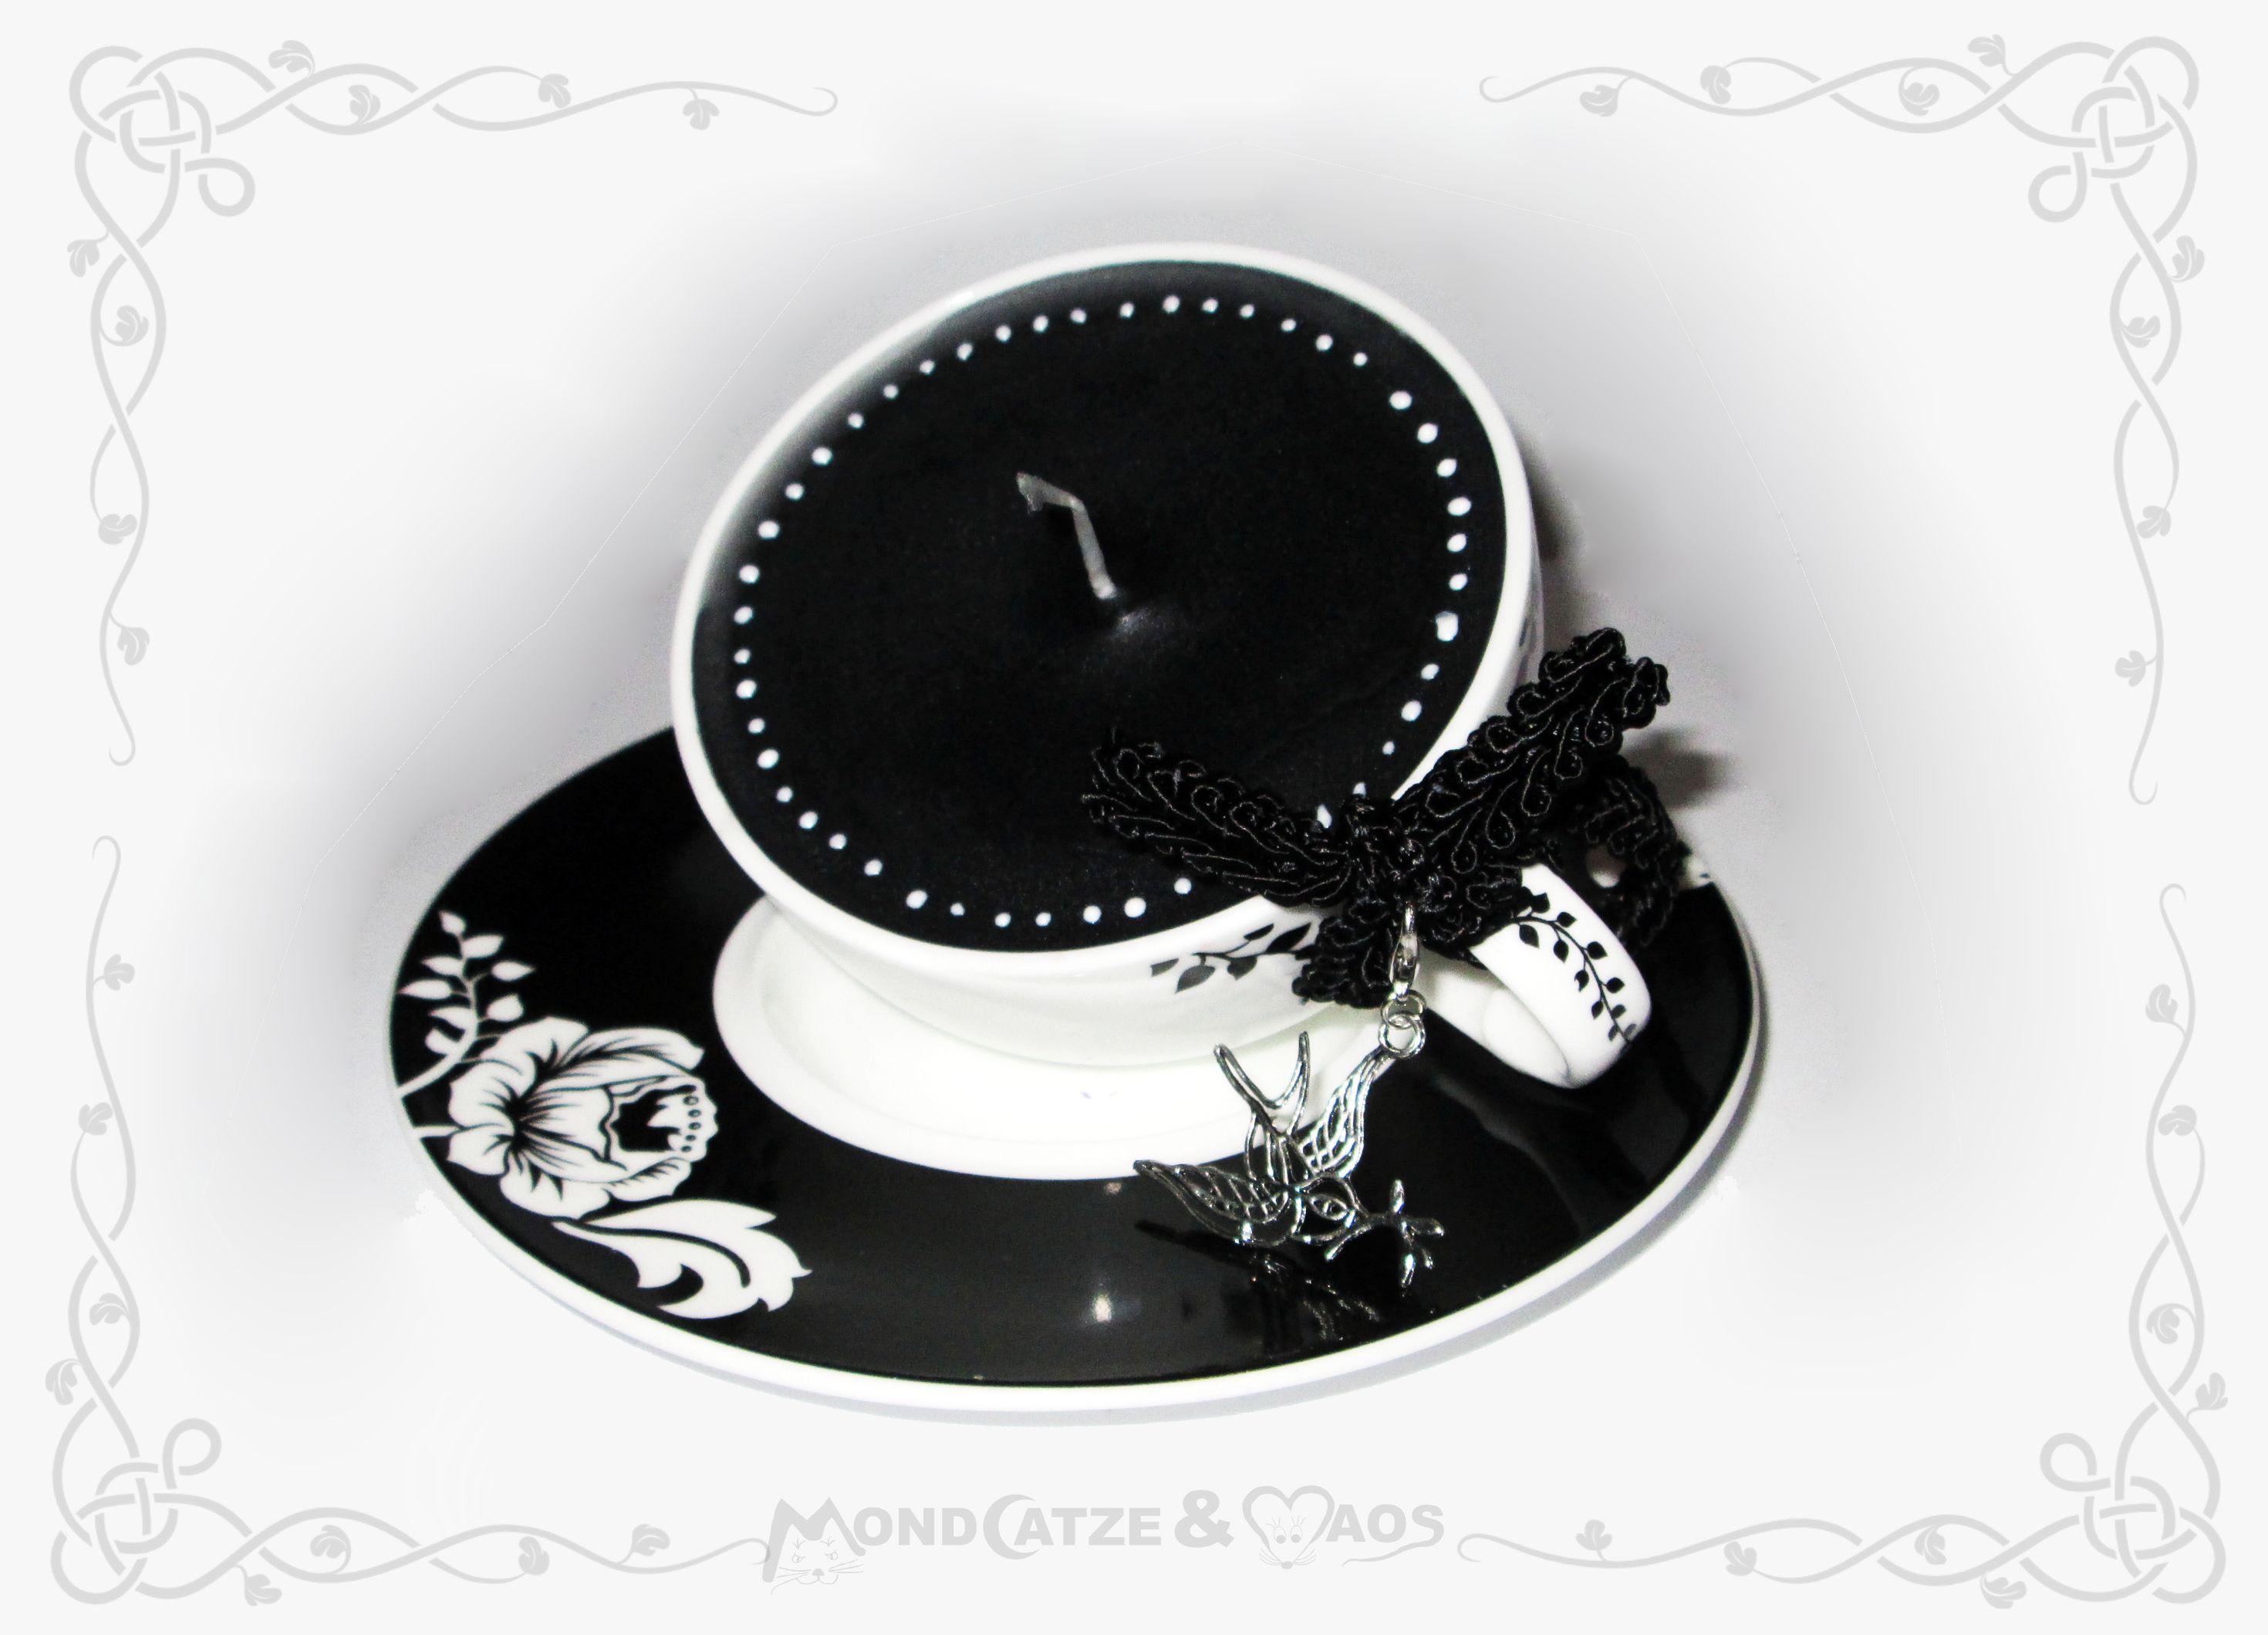 Tassenkerze schwarz / weiß ... cup candle black & white